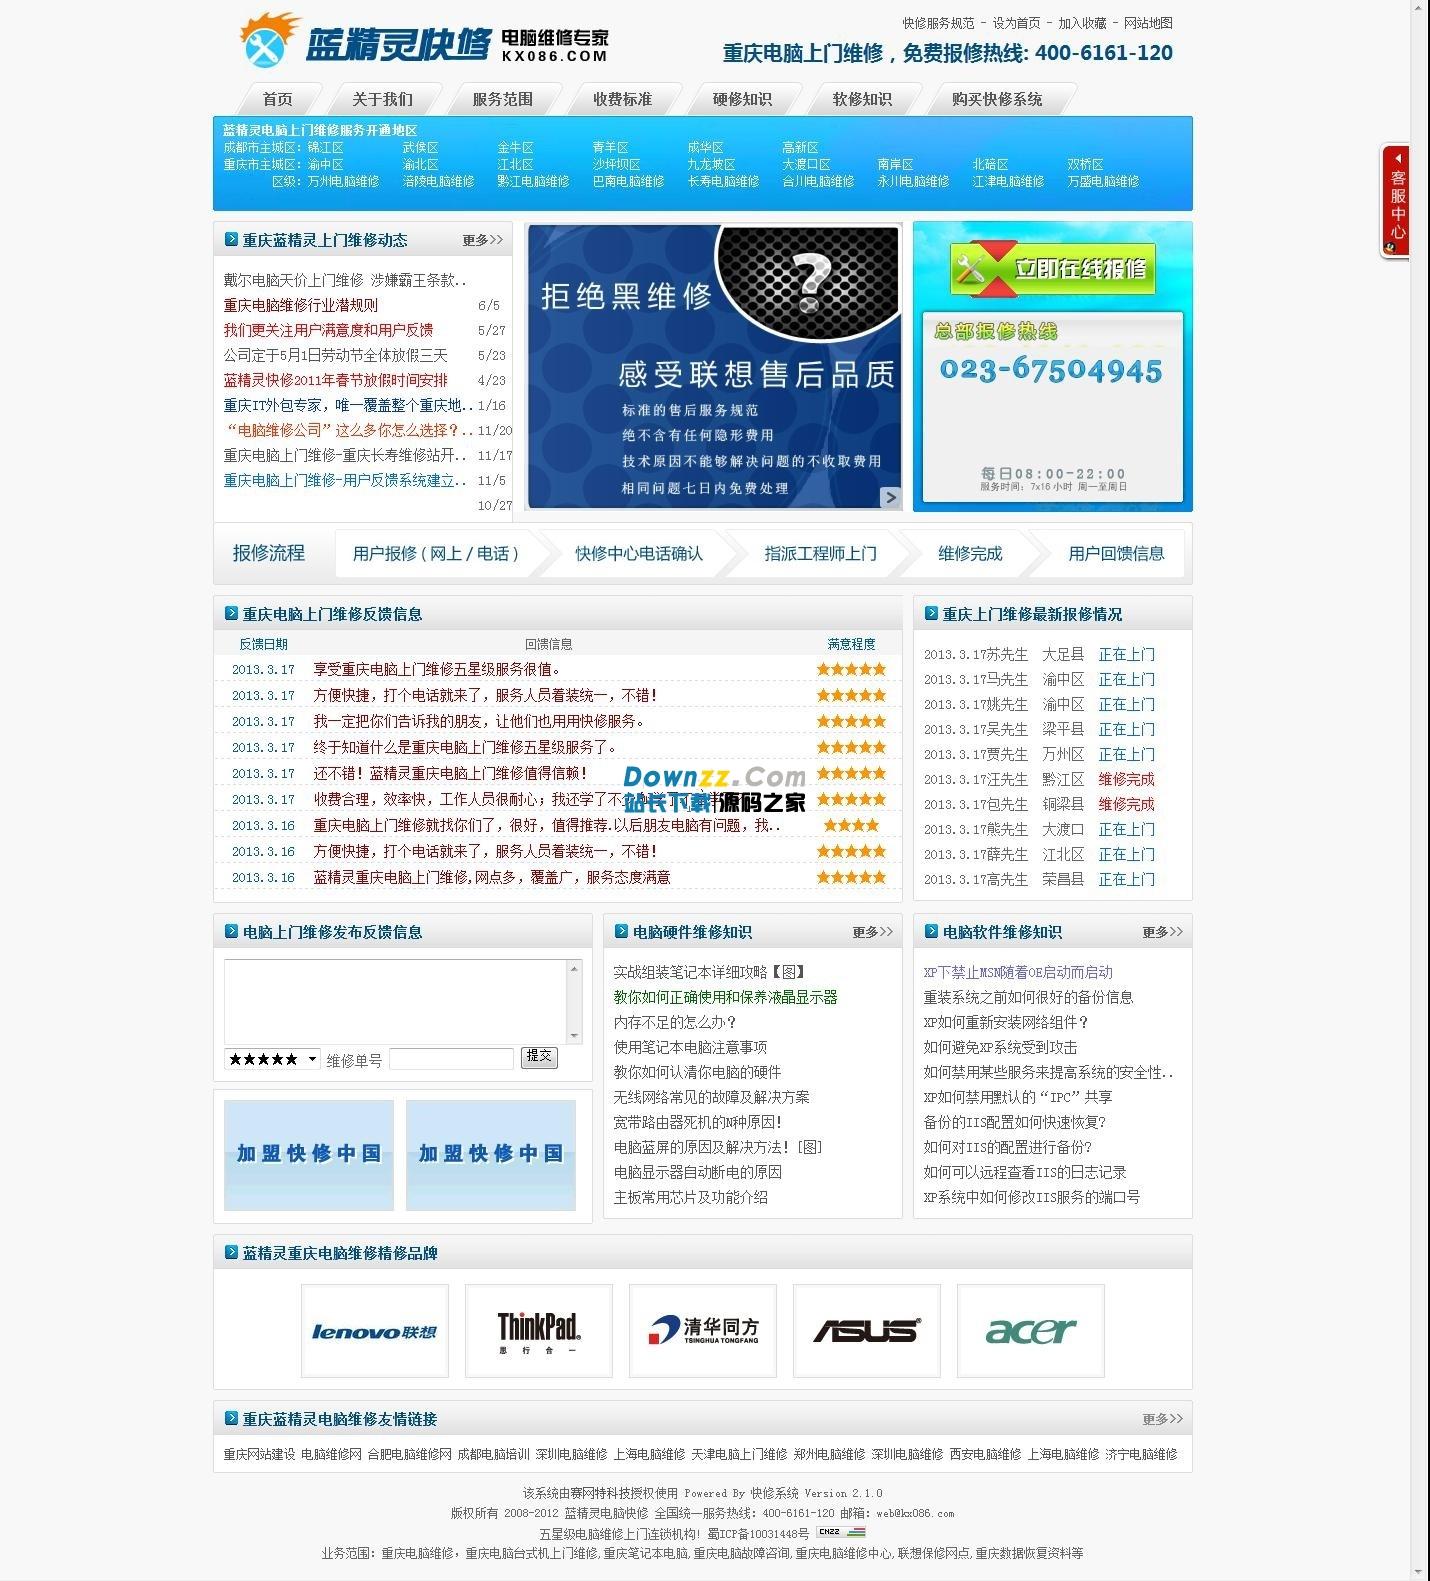 赛网特维修企业在线报修维修管理系统 v2.0